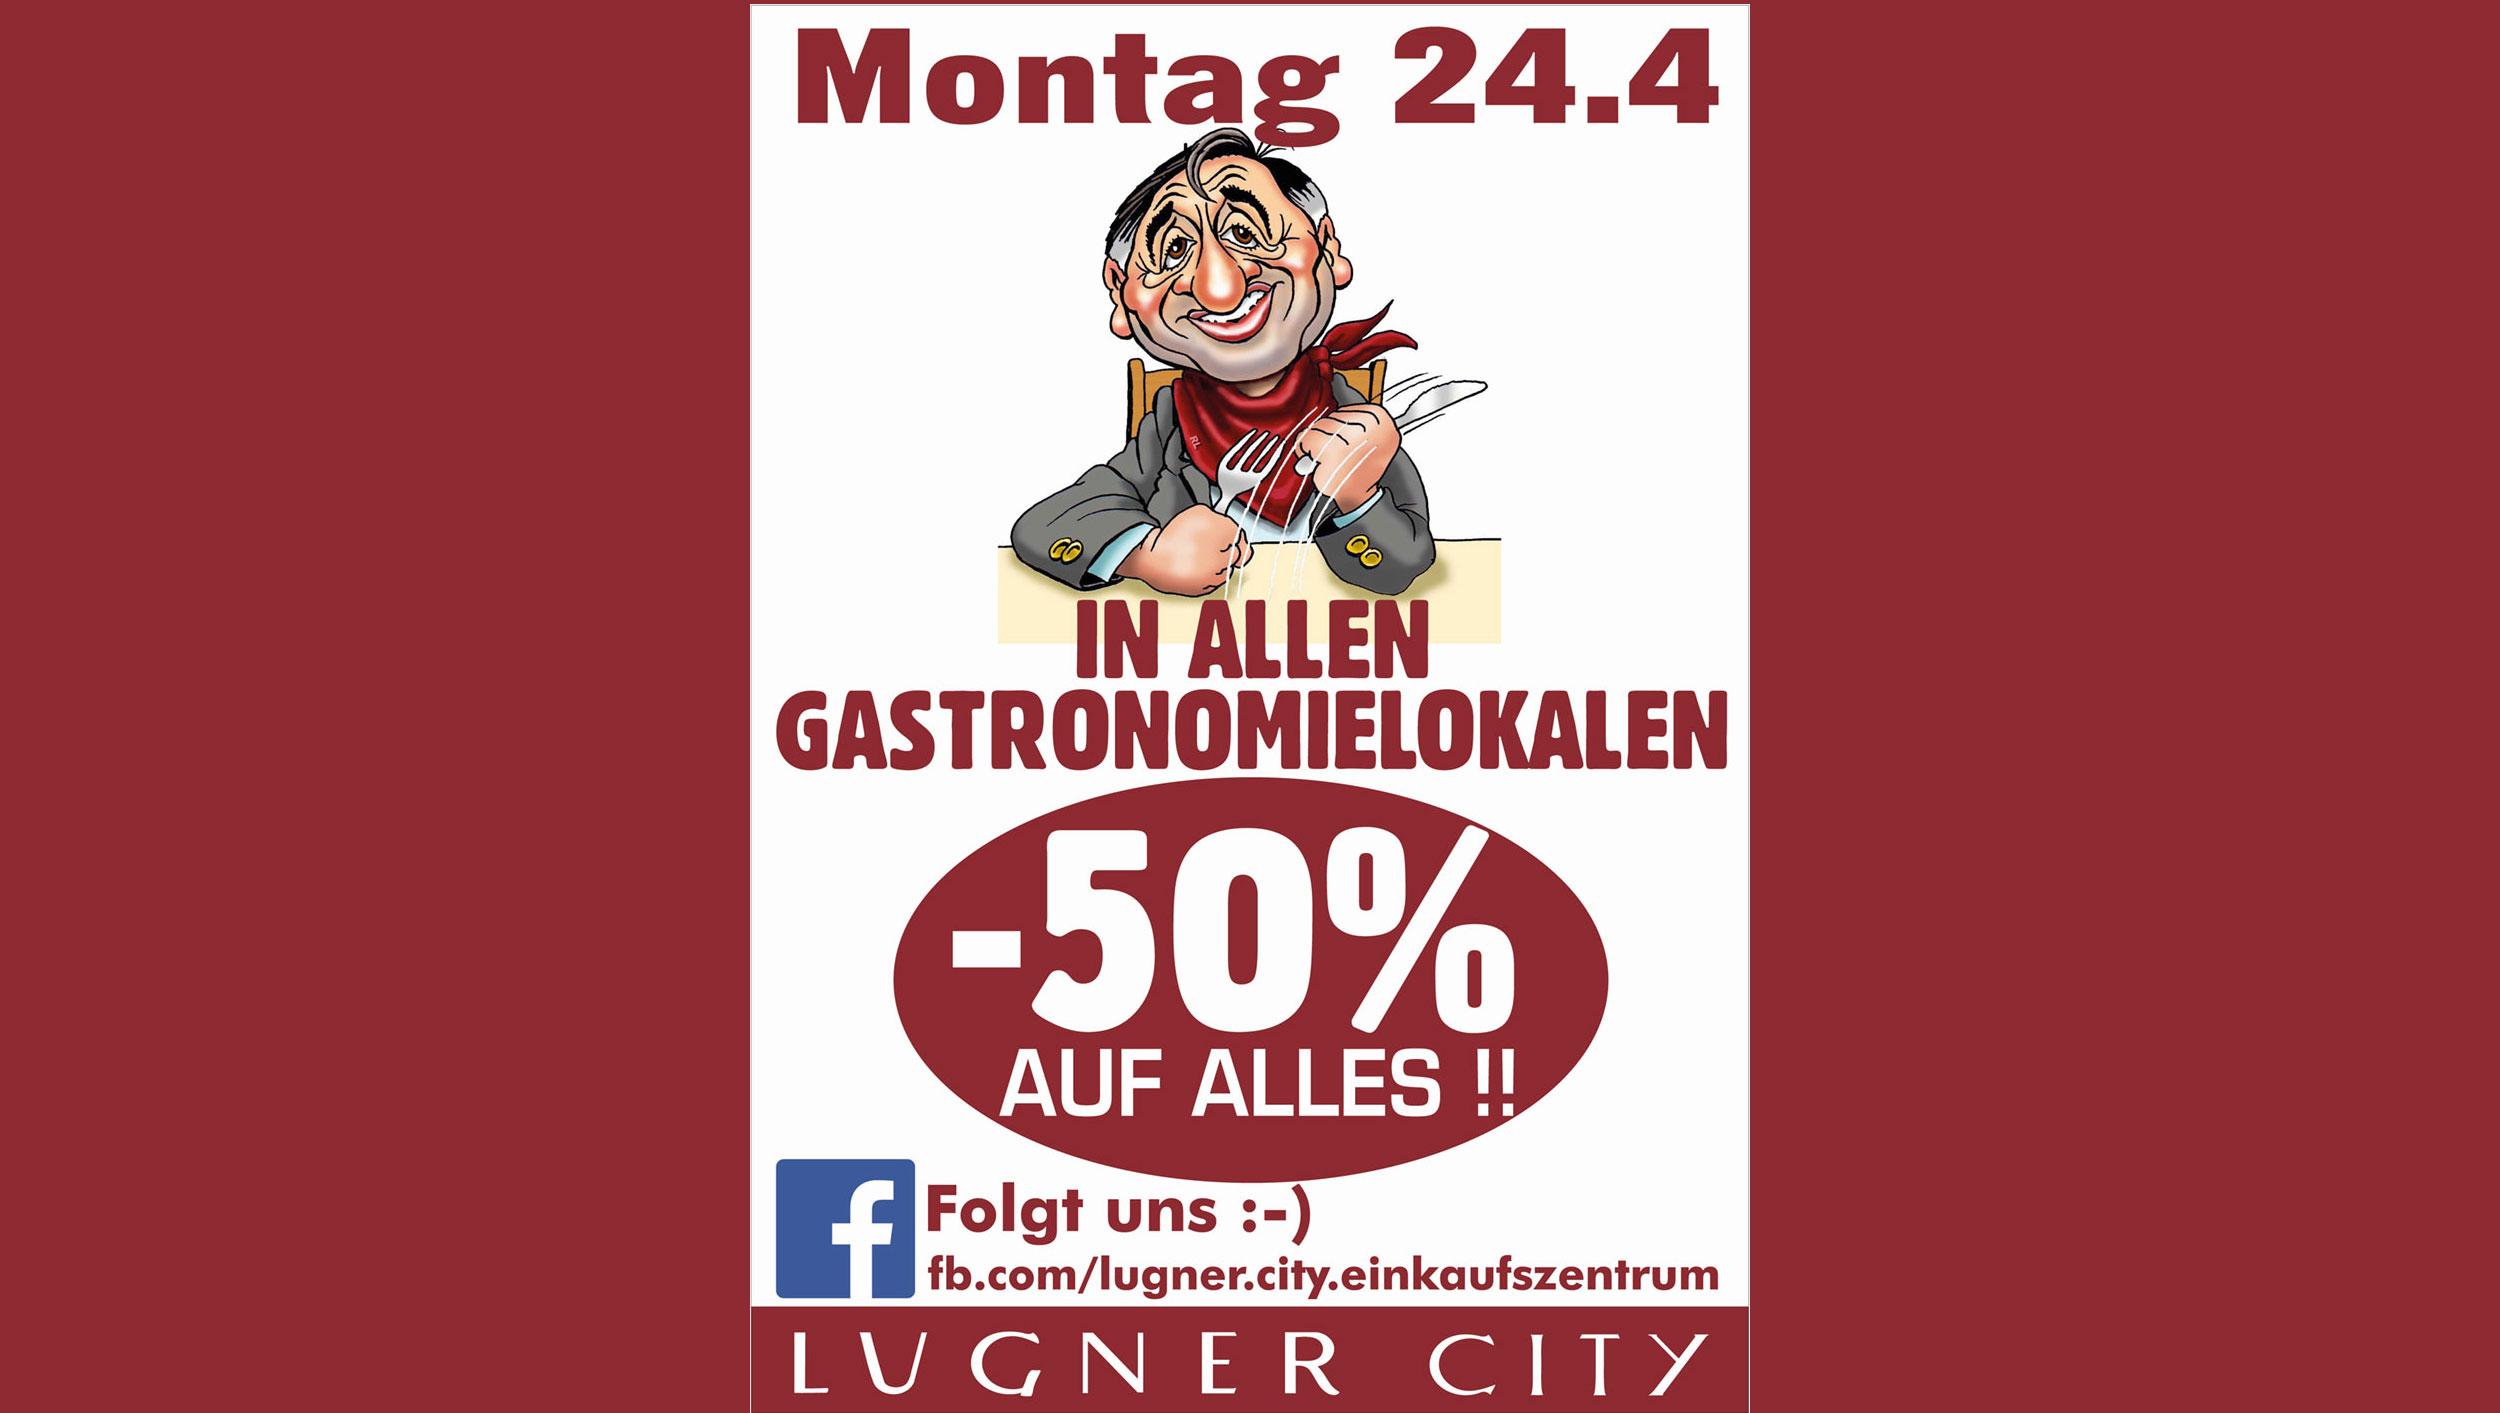 Lugner City: 50% Rabatt in allen Gastronomielokalen – nur am 24. April